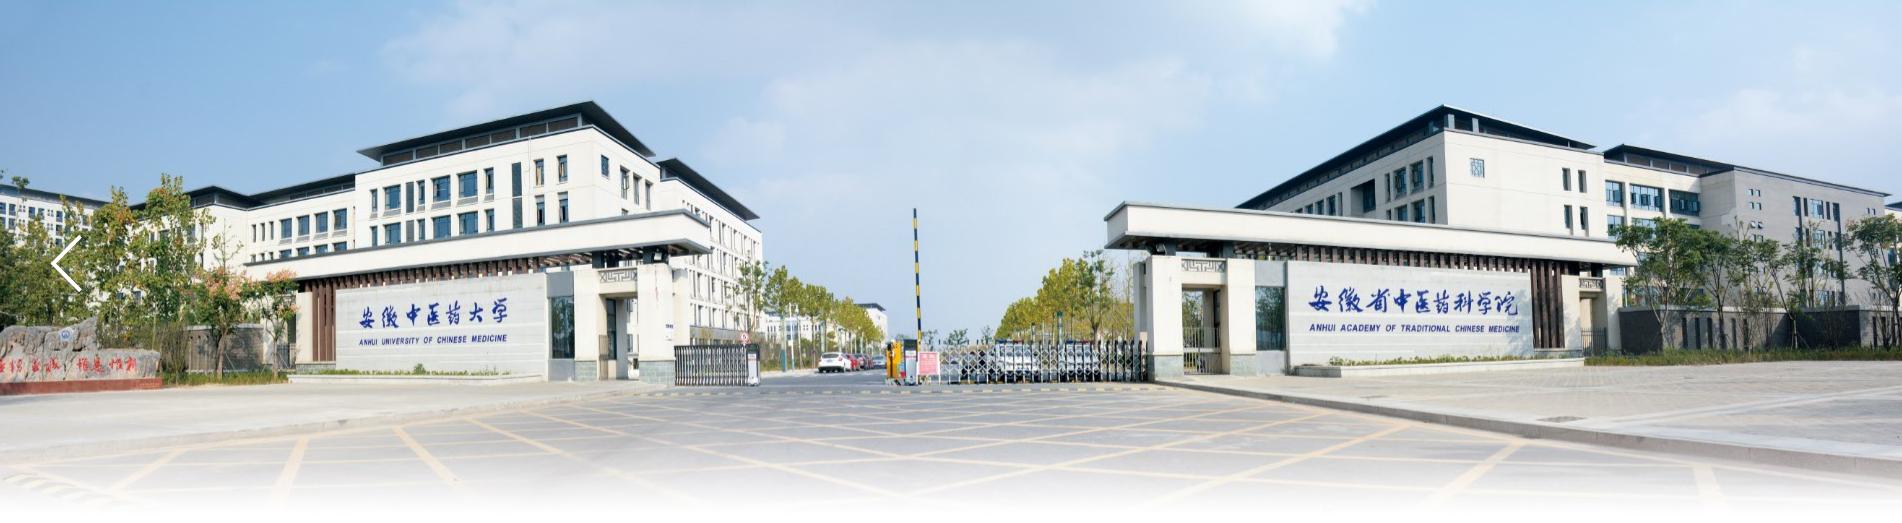 安徽中医学院地址_2011年,省政府批准在安徽中医学院的基础上组建成立安徽省中医药科学